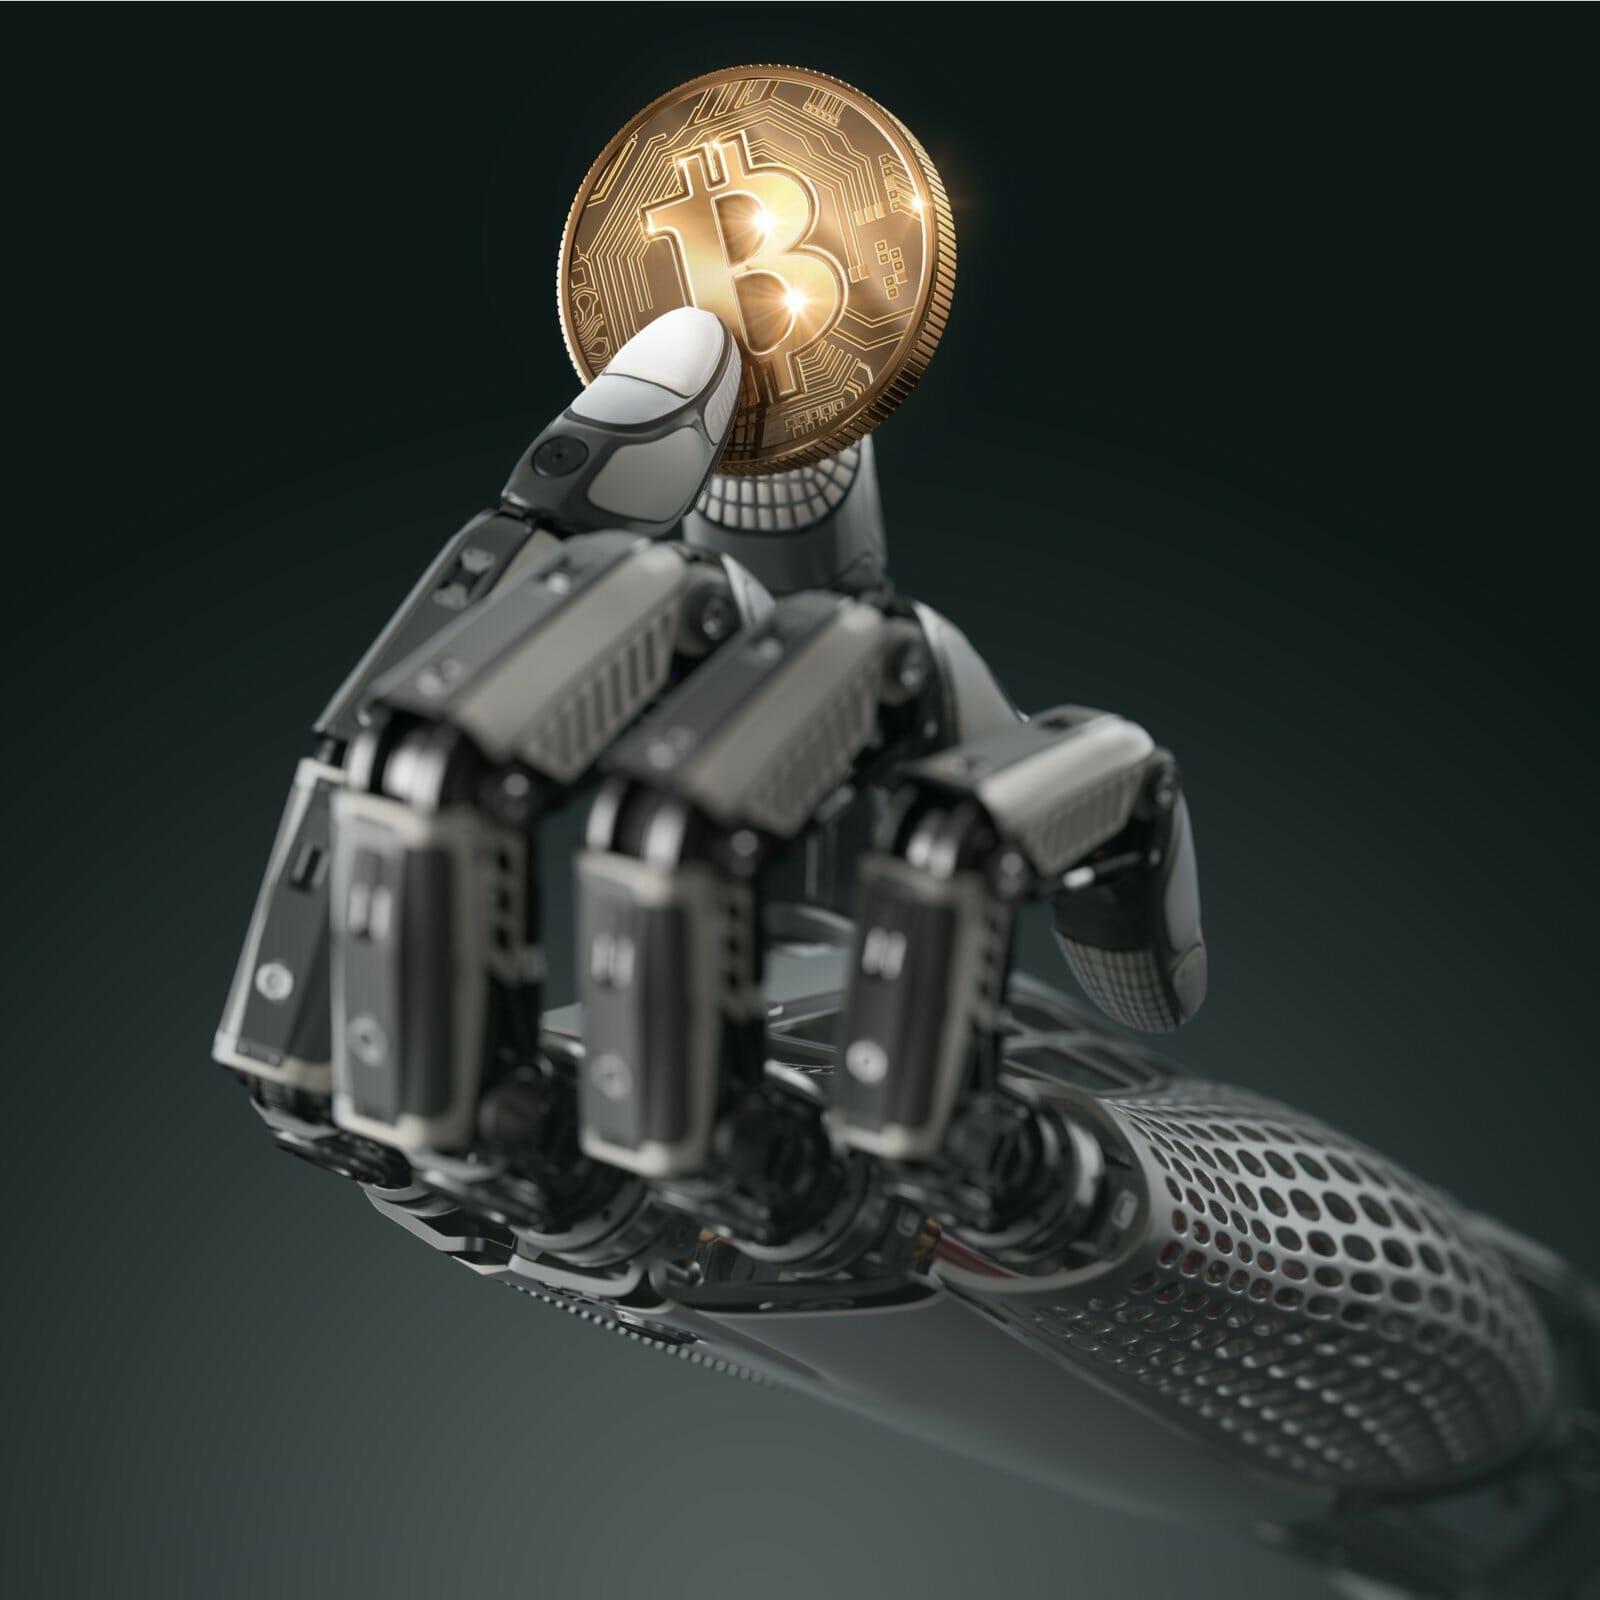 cripto-moneda-futuro-ciberpunk